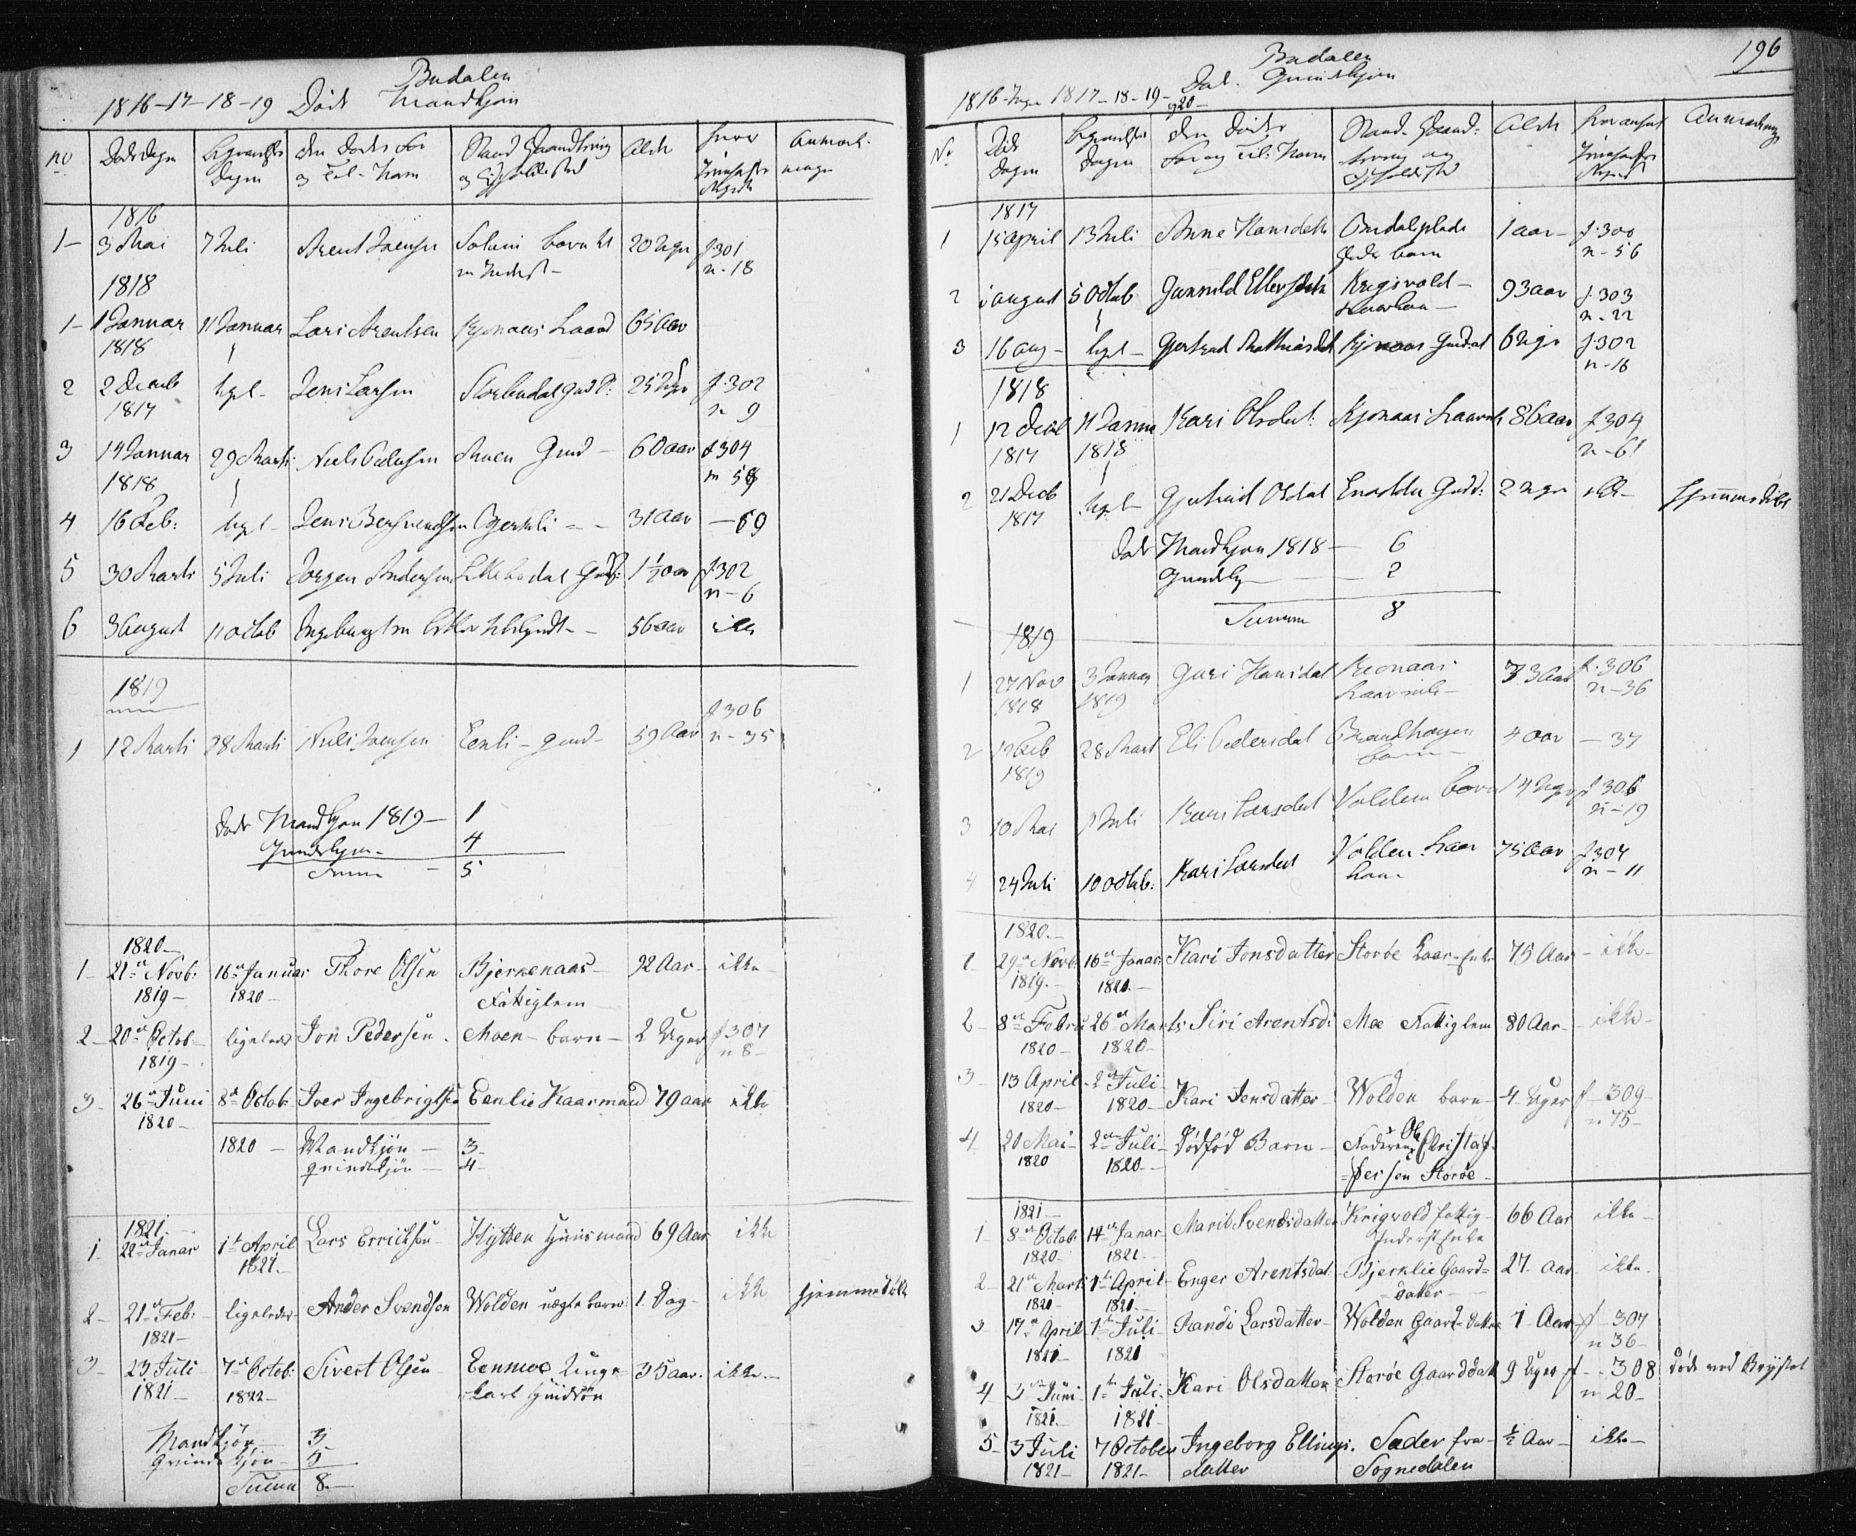 SAT, Ministerialprotokoller, klokkerbøker og fødselsregistre - Sør-Trøndelag, 687/L1017: Klokkerbok nr. 687C01, 1816-1837, s. 196